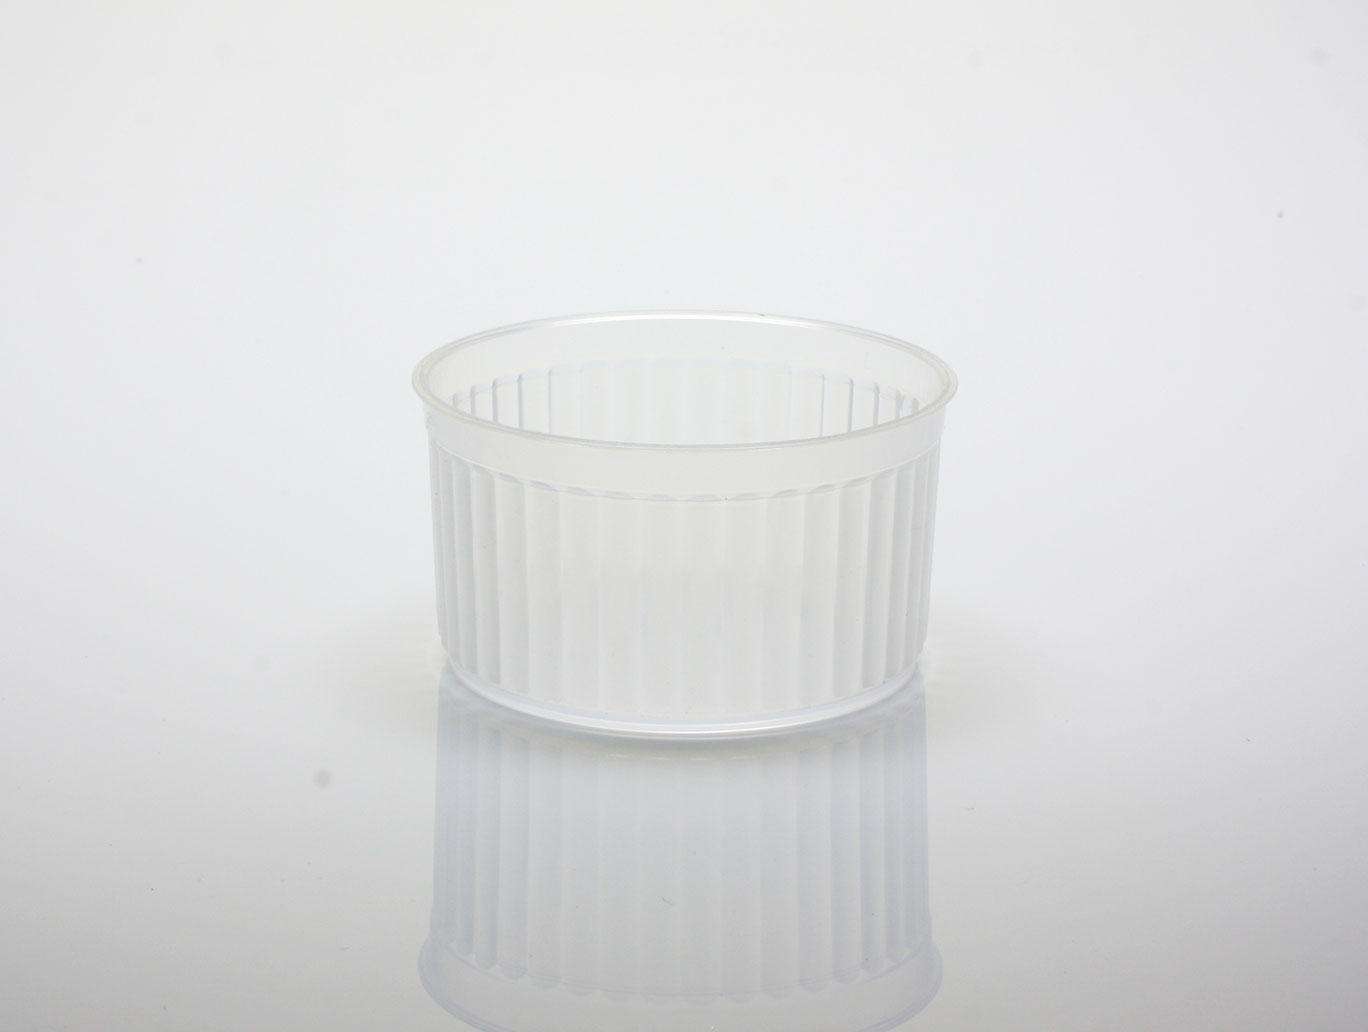 【BS7440】布丁燒、布丁杯、烤布丁、奶酪杯、PP杯、耐熱杯、耐烤杯、波紋杯(20個+蓋)